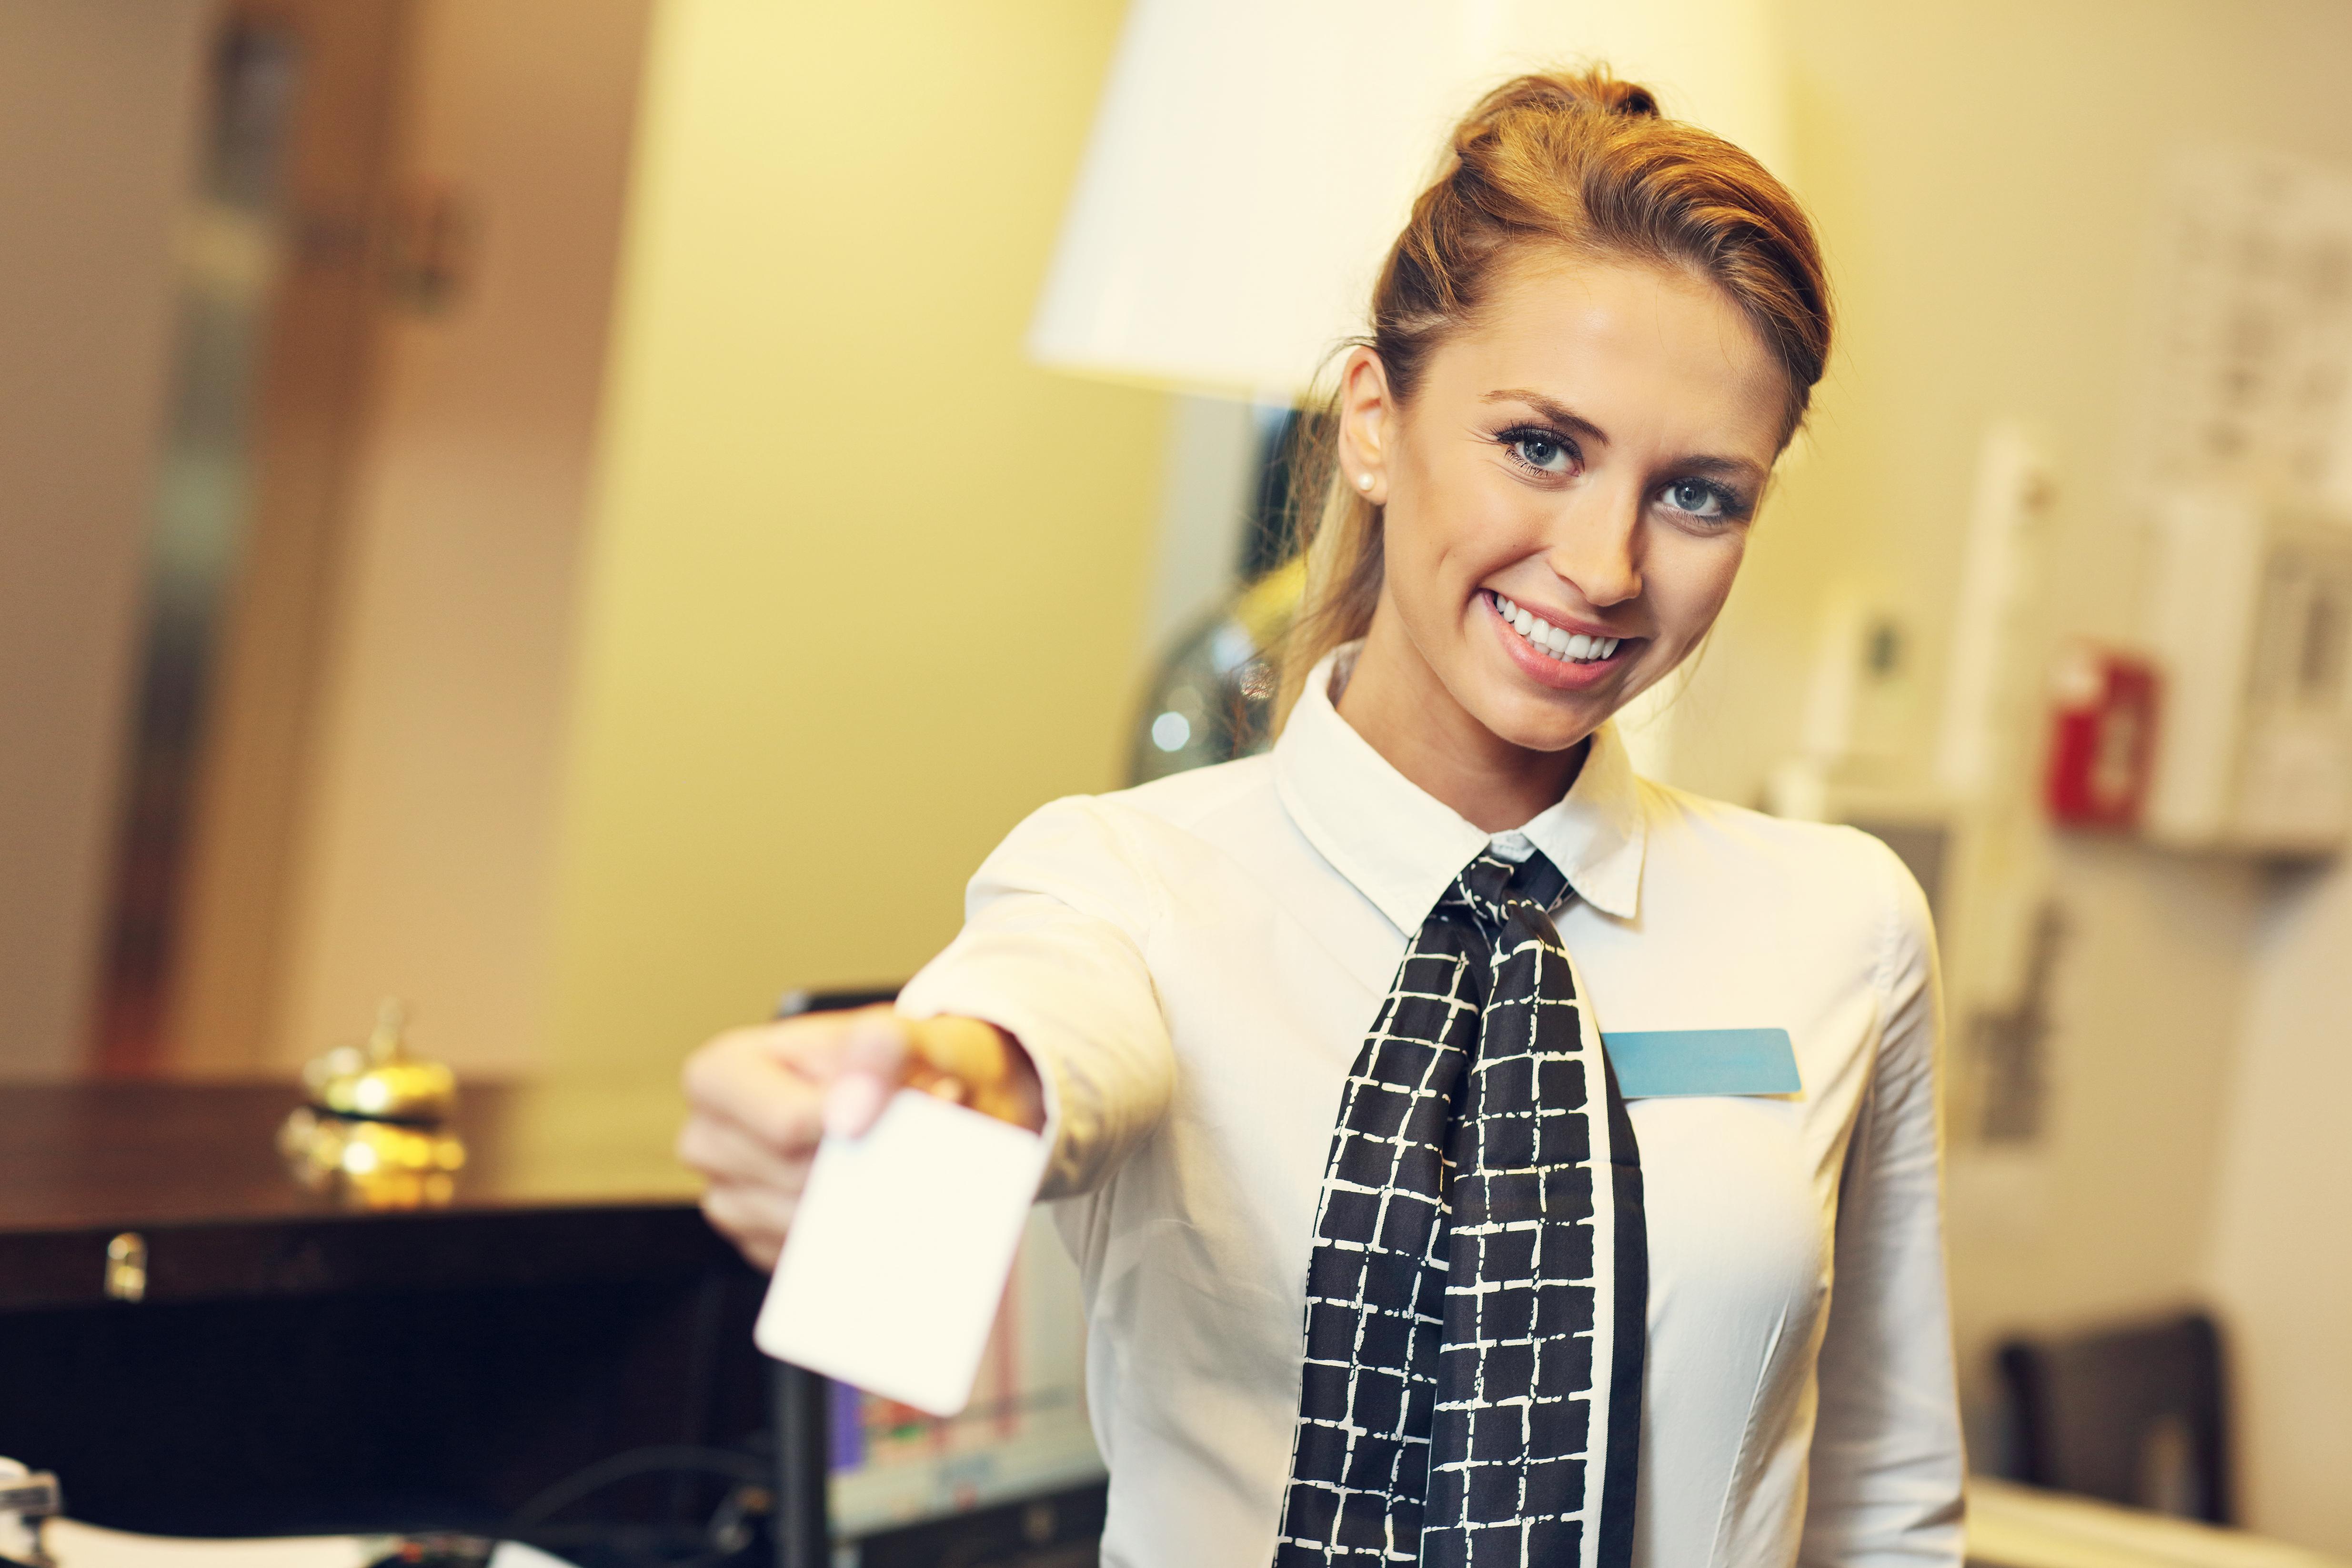 Todo Lo Que Necesitas Saber Para Trabajar Como Recepcionista De Hotel